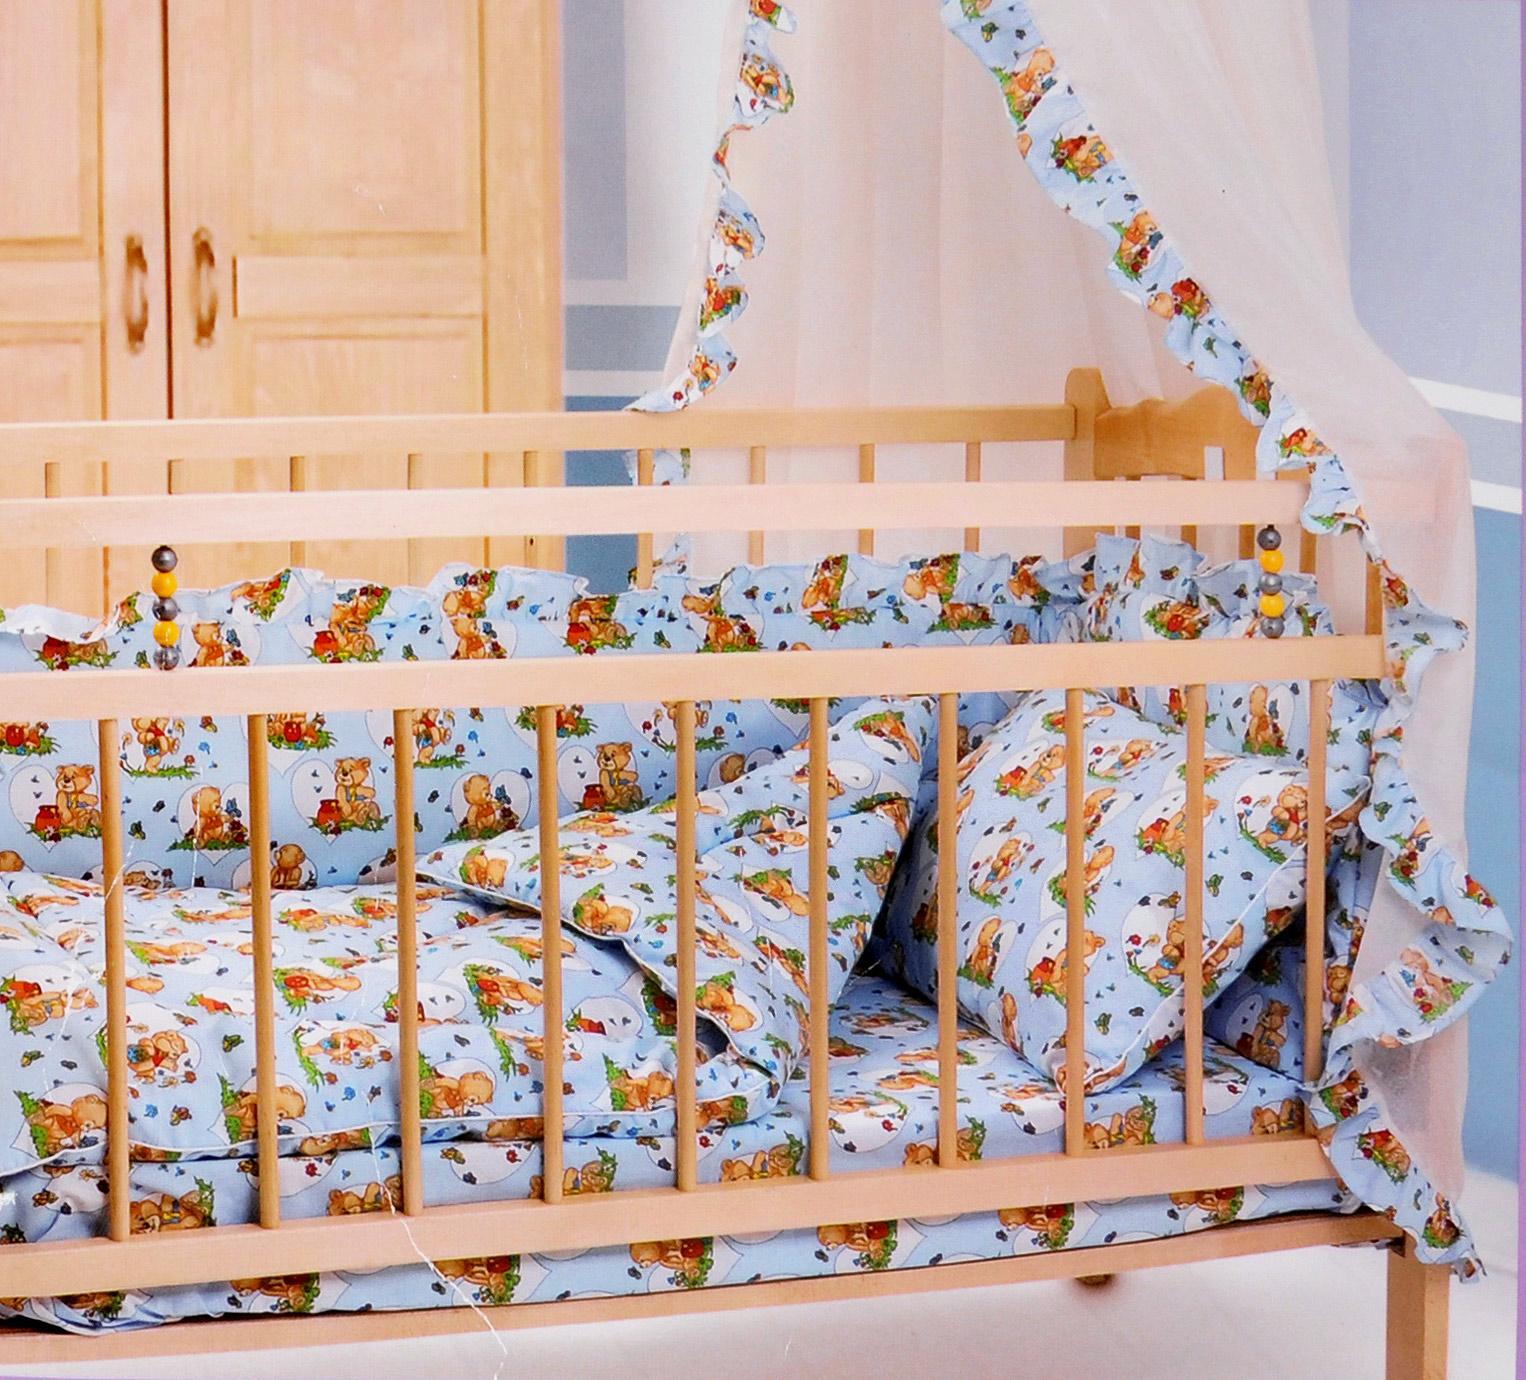 Комплект в кроватку Primavelle Кроха, цвет: голубой, 5 предметов10503Комплект в кроватку Primavelle Кроха прекрасно подойдет для кроватки вашего малыша, добавит комнате уюта и согреет в прохладные дни. В качестве материала верха использованы 70% хлопка и 30% полиэстера. Мягкая ткань не раздражает чувствительную и нежную кожу ребенка и хорошо вентилируется. Подушка и одеяло наполнены гипоаллергенным экофайбером, который не впитывает запах и пыль. В комплекте - удобный карман на кроватку для всех необходимых вещей.Очень важно, чтобы ваш малыш хорошо спал - это залог его здоровья, а значит вашего спокойствия. Комплект Primavelle Кроха идеально подойдет для кроватки вашего малыша. На нем ваш кроха будет спать здоровым и крепким сном.Комплектация:- бортик (150 см х 35 см); - простыня (120 см х 180 см);- подушка (40 см х 60 см);- одеяло (110 см х 140 см);- кармашек (60 см х 45 см).